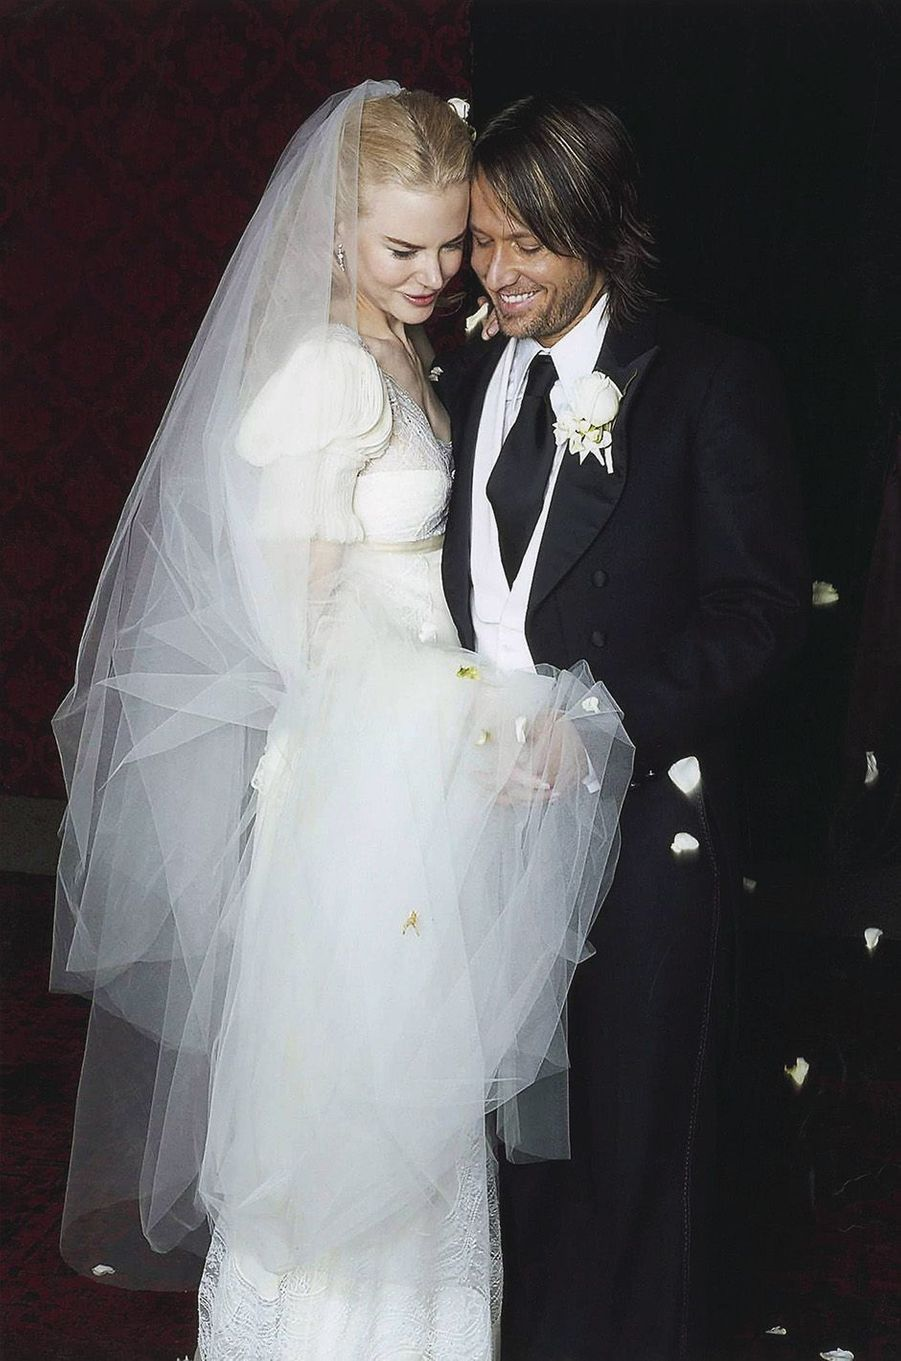 Nicole Kidman lors de son mariage avec Keith Urban, à Sydney, le 25 juin 2006.